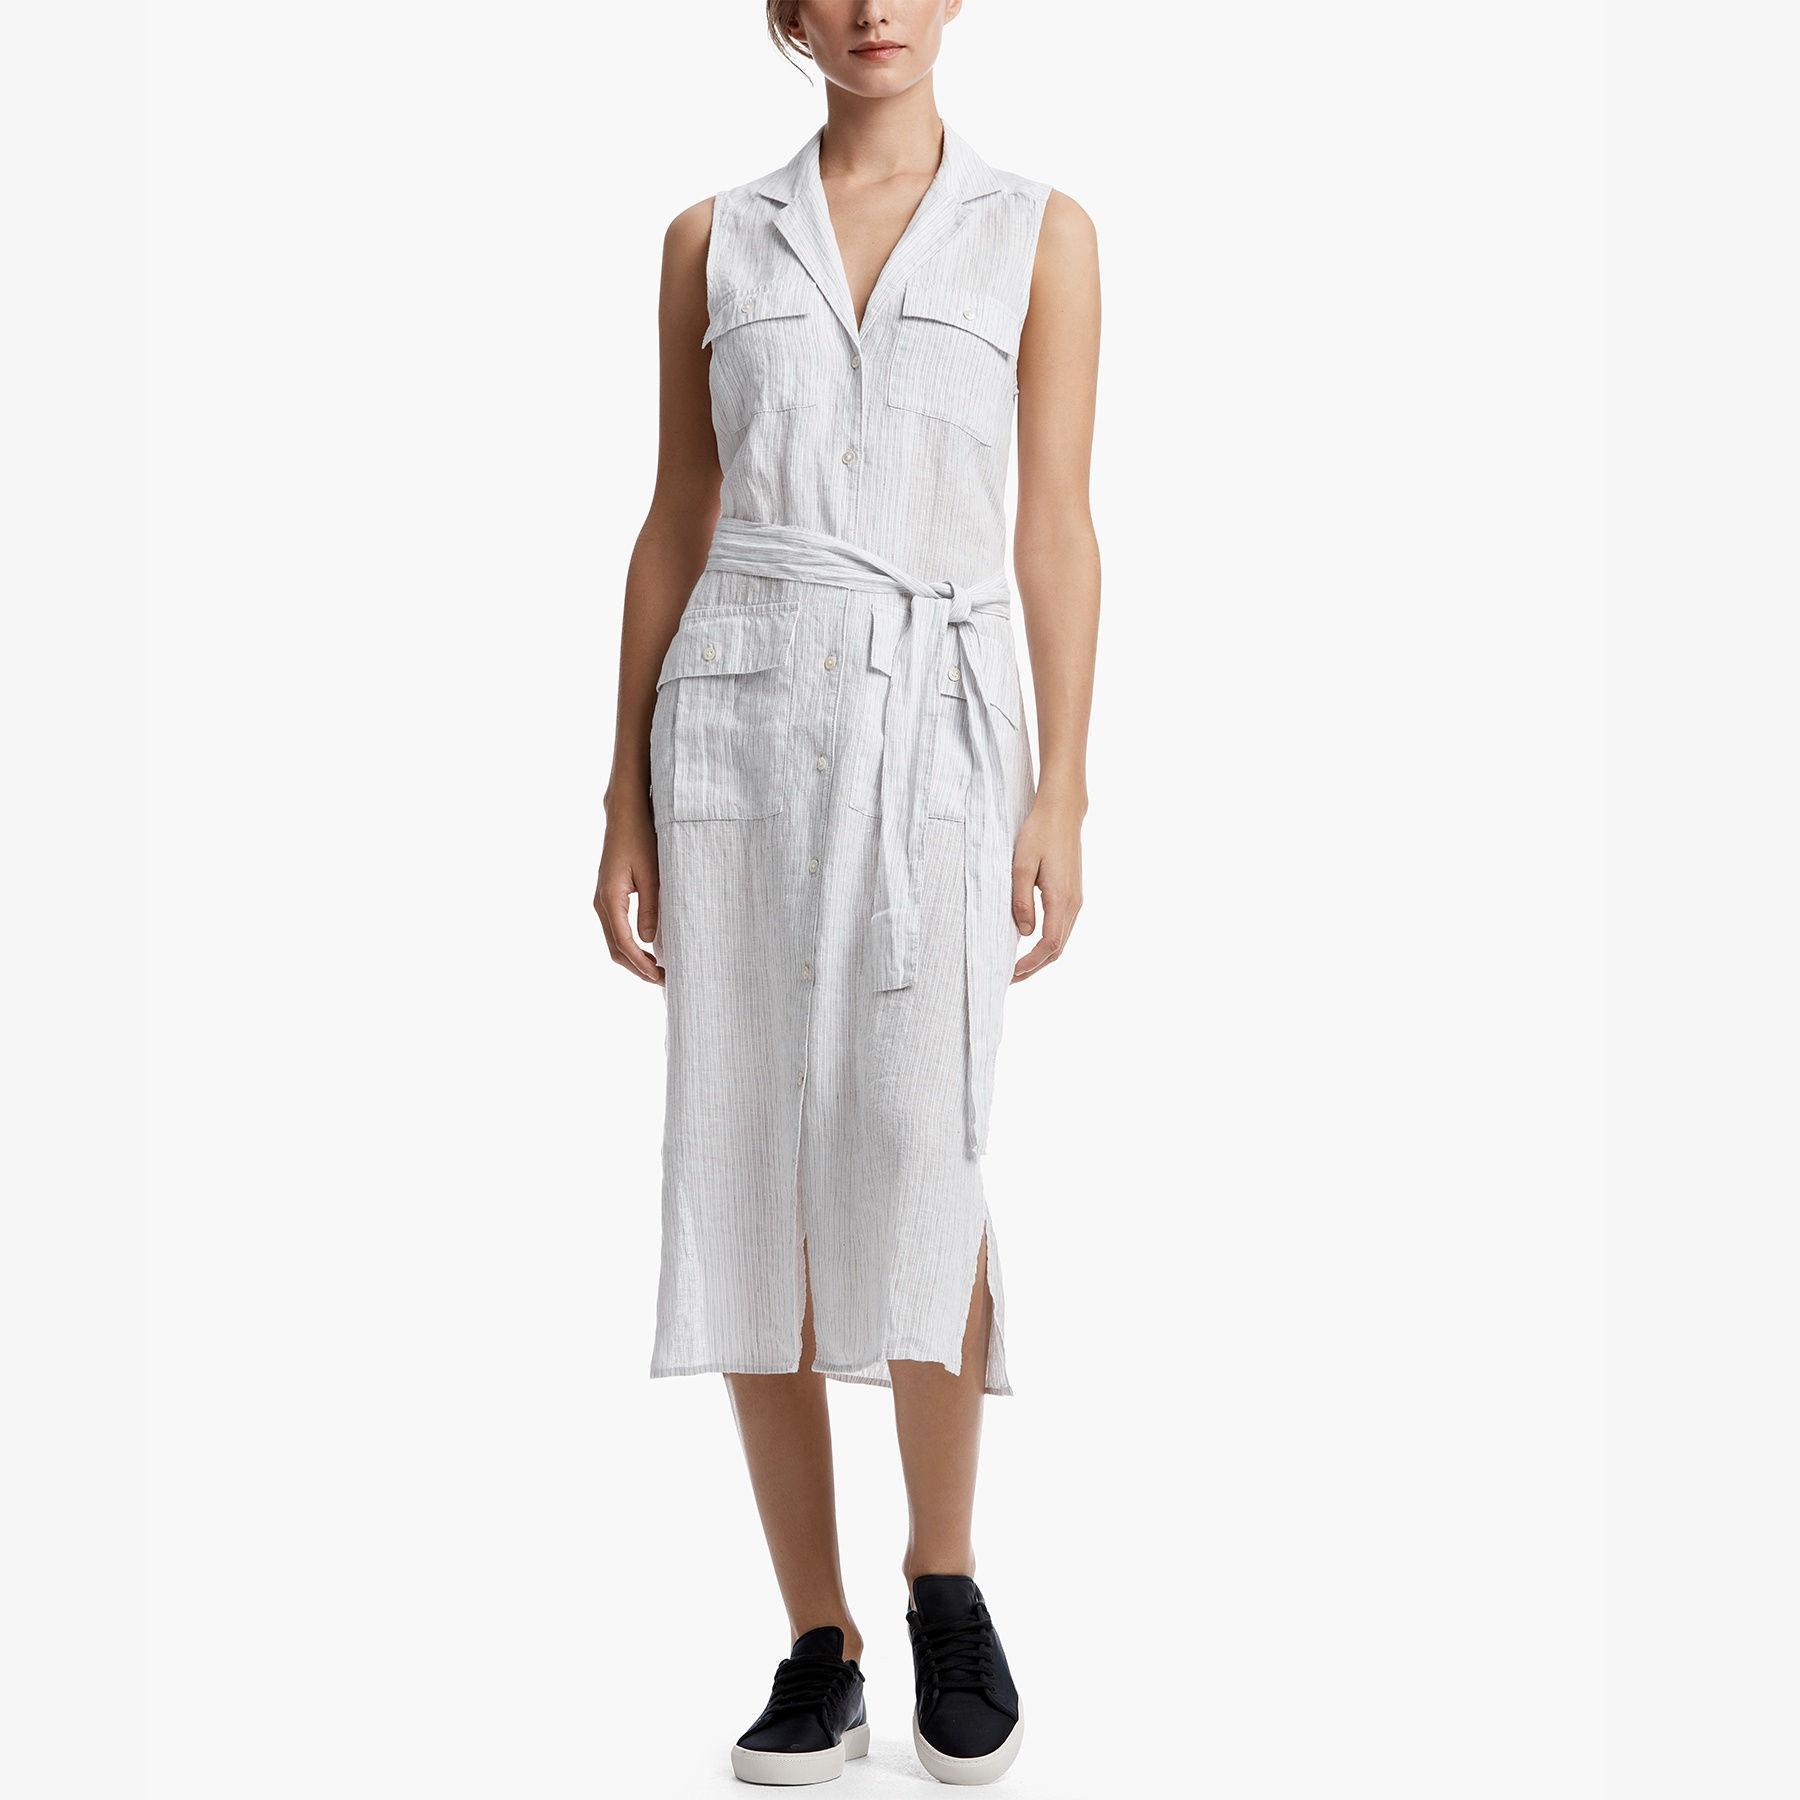 0ddb0e9ea77 Gallery. Women s Shirt Dresses Women s White Linen Dresses